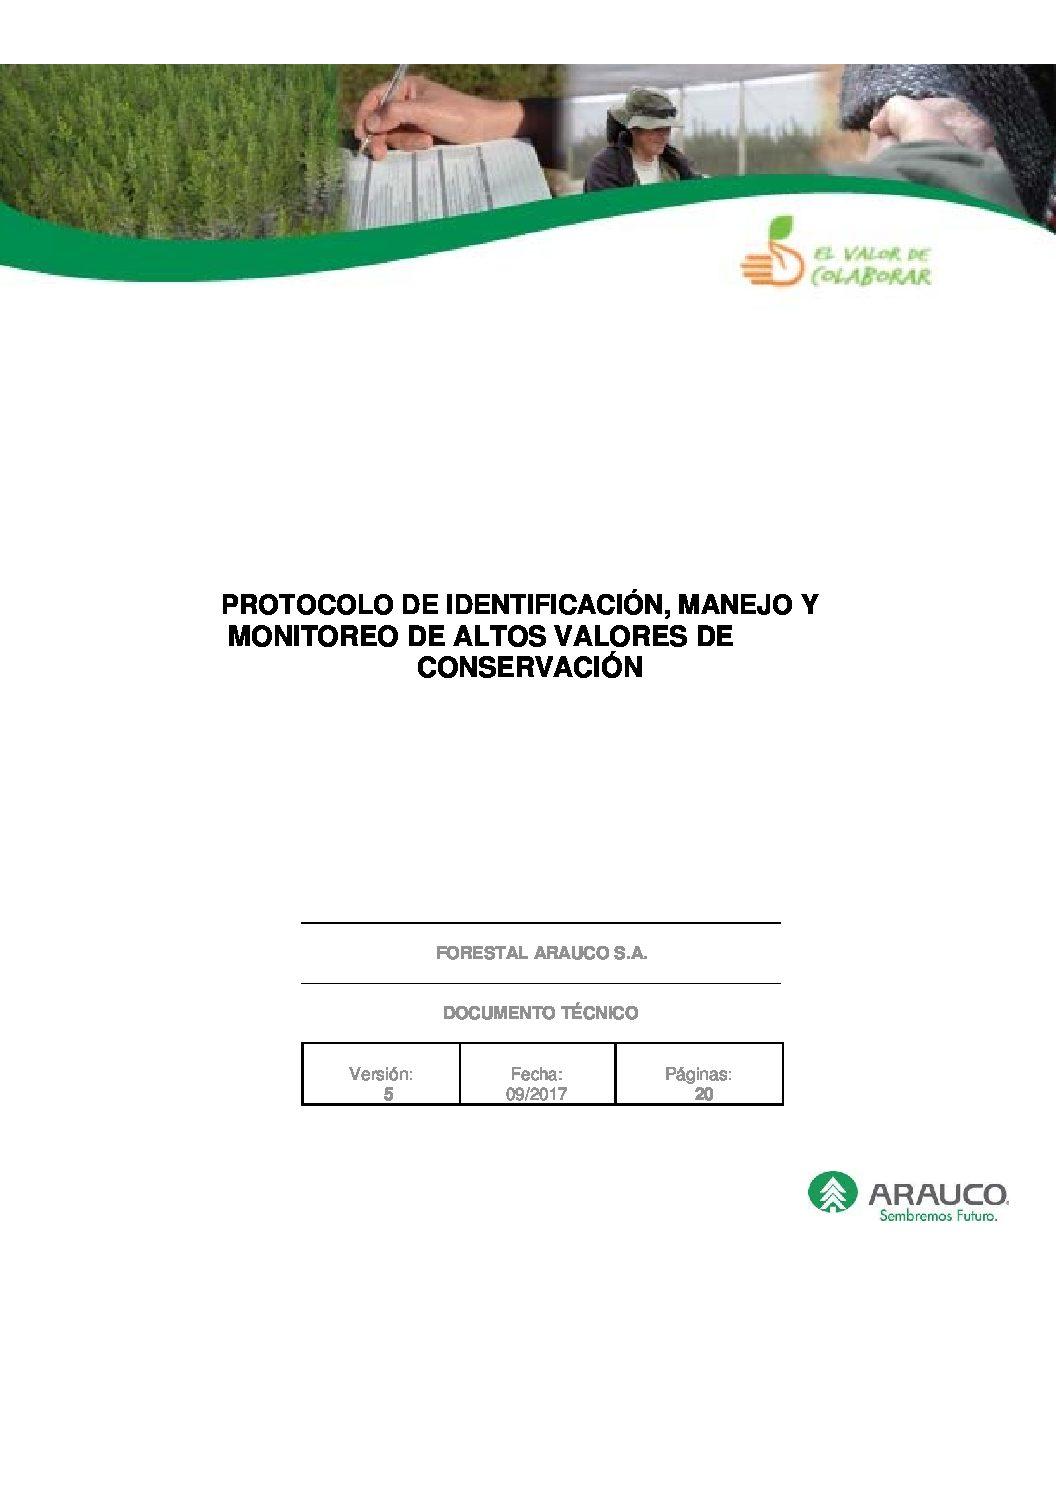 Protocolo de identificación manejo y monitoreo de áreas de alto valor ambiental